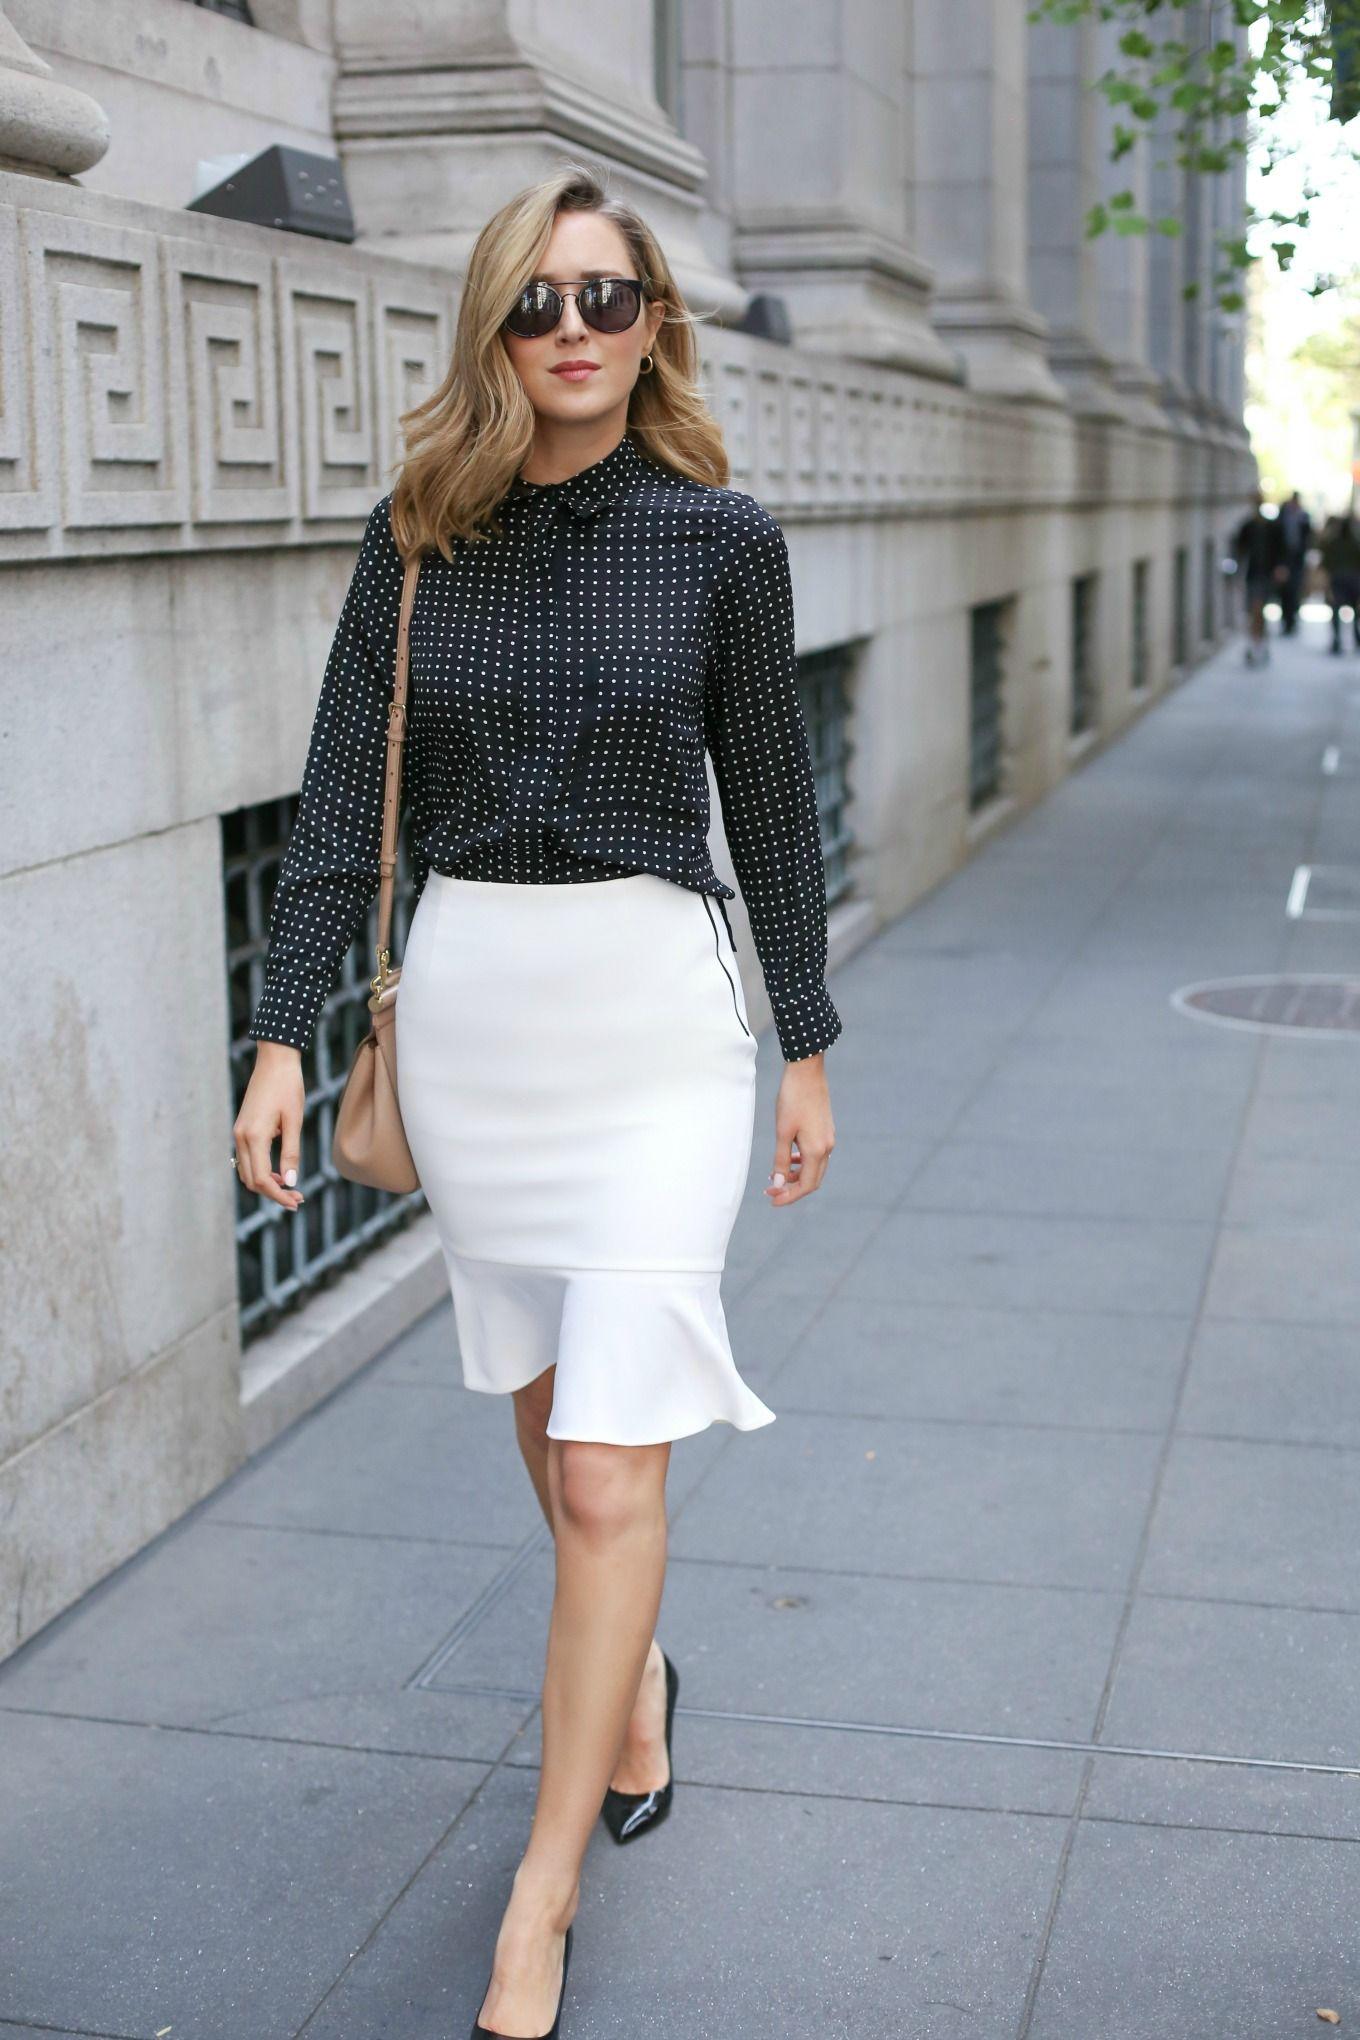 Flounce Hem Pencil Skirt and Polka Dot Blouse - MEMORANDUM ...